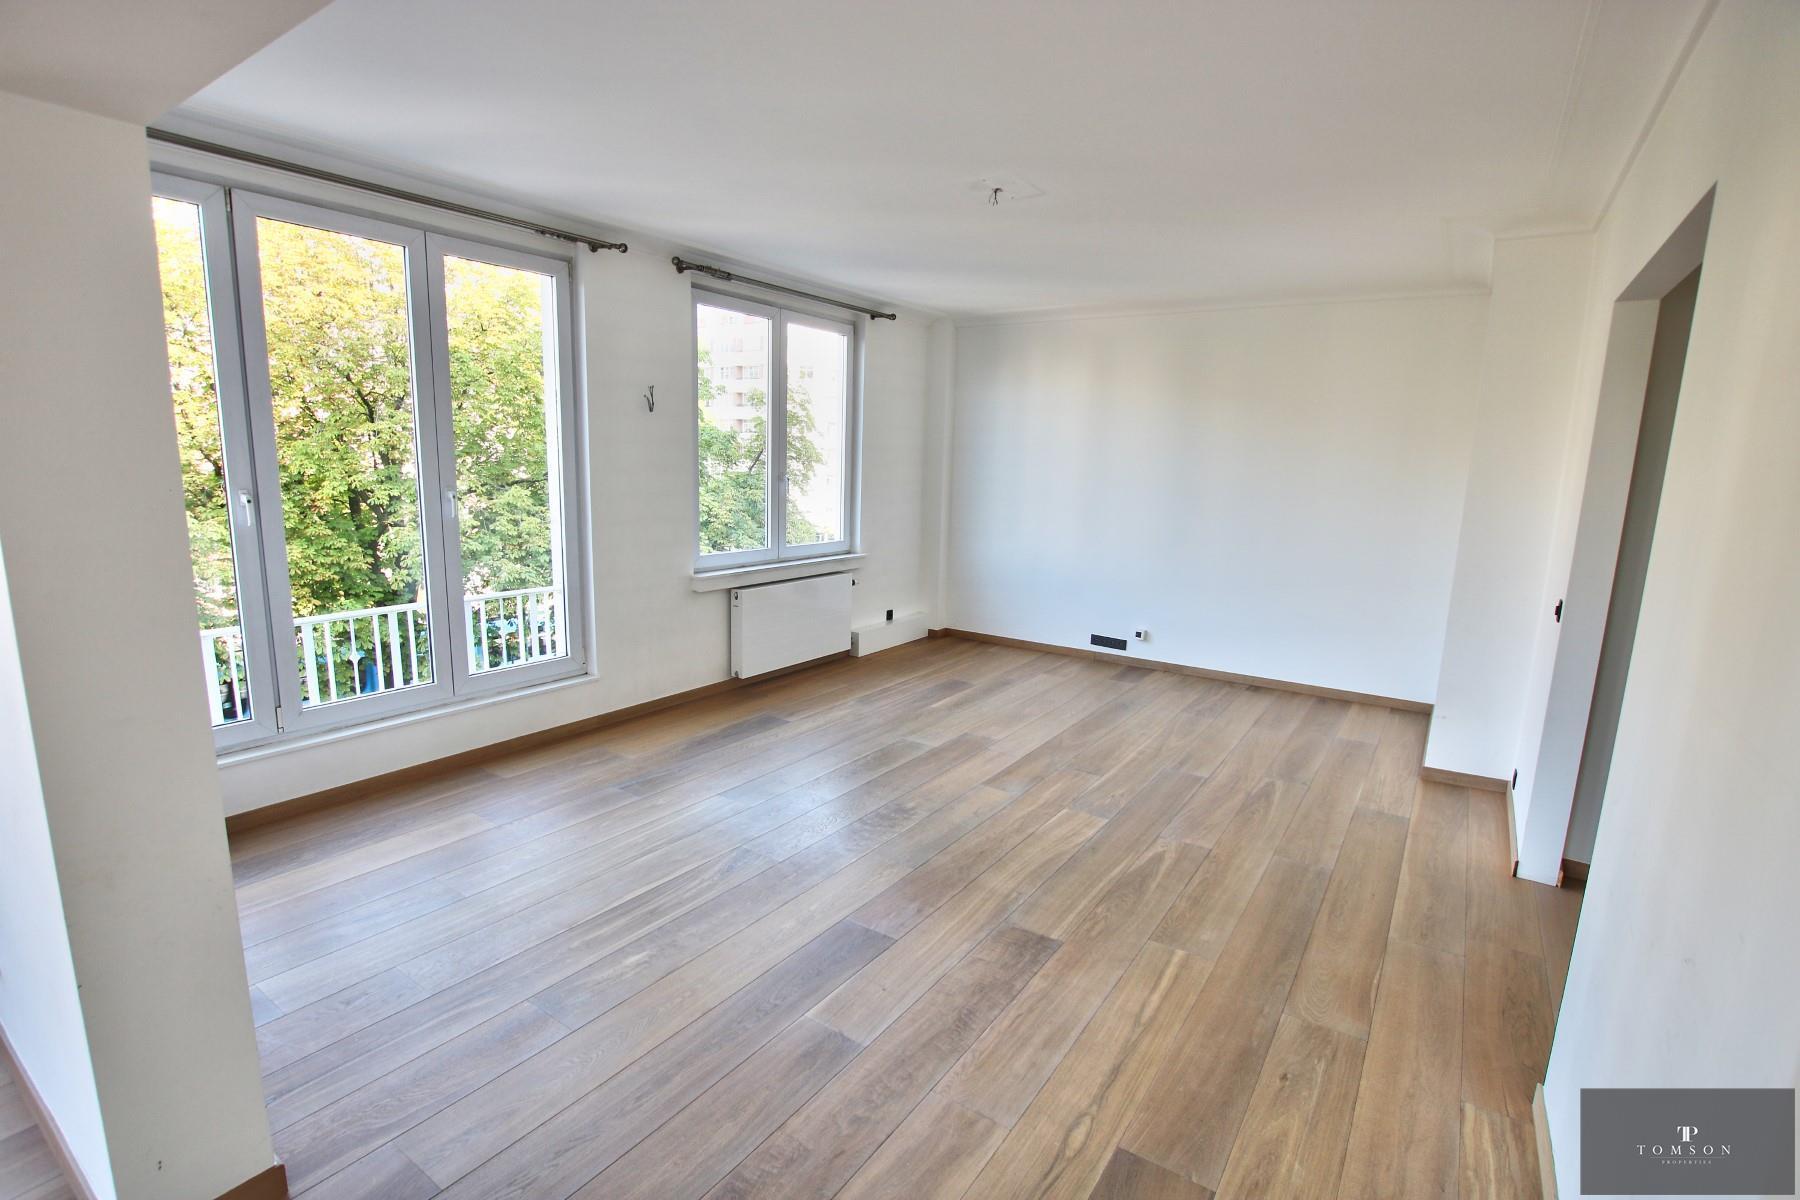 Appartement - Etterbeek - #4154759-3